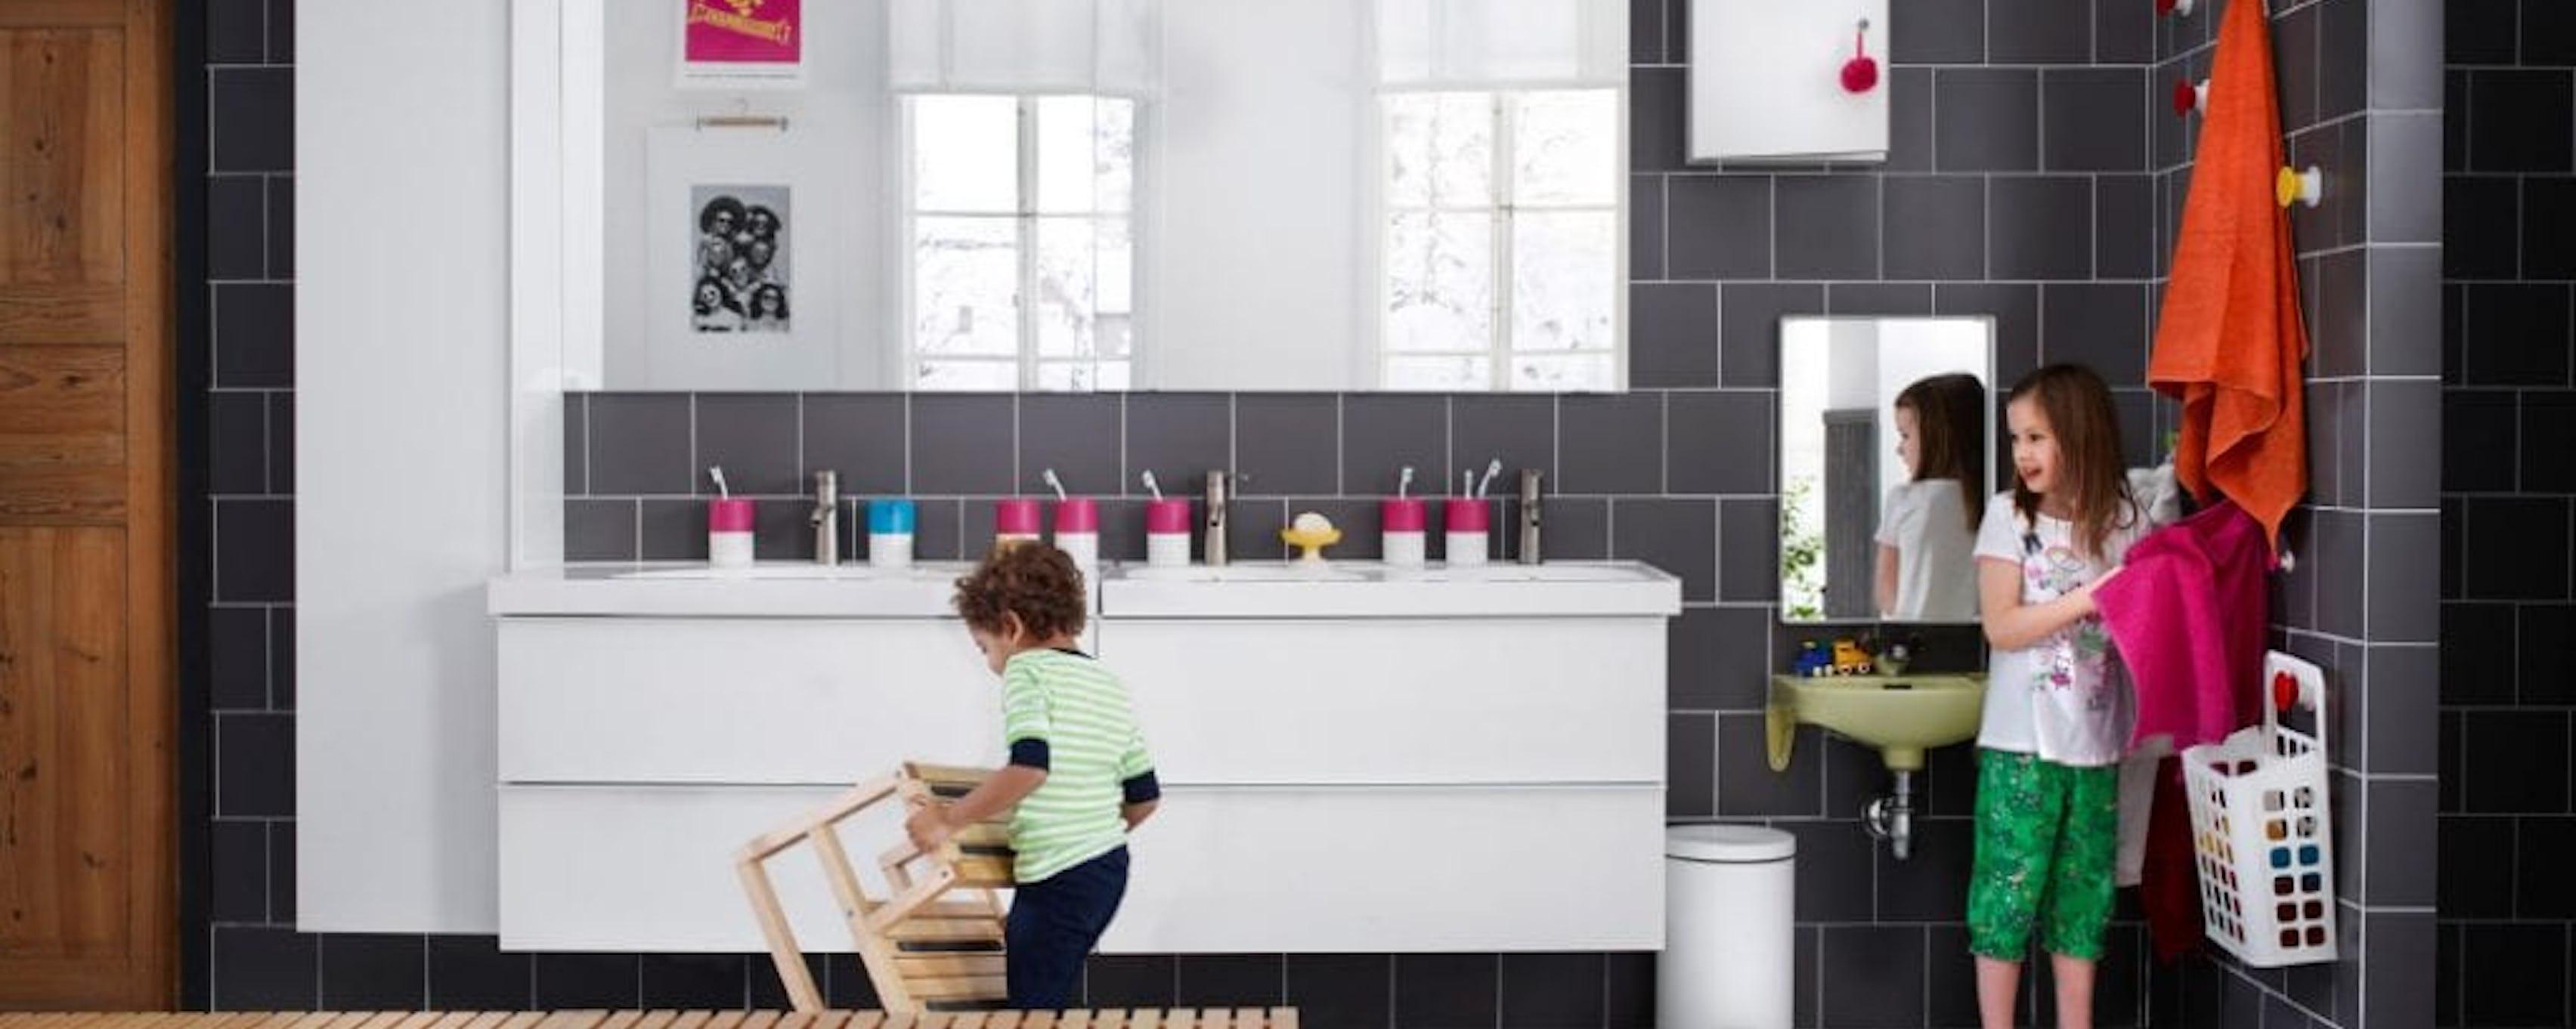 Décor Salle De Jeux salle de bain enfant : 15 idées d'aménagement pour toute surface